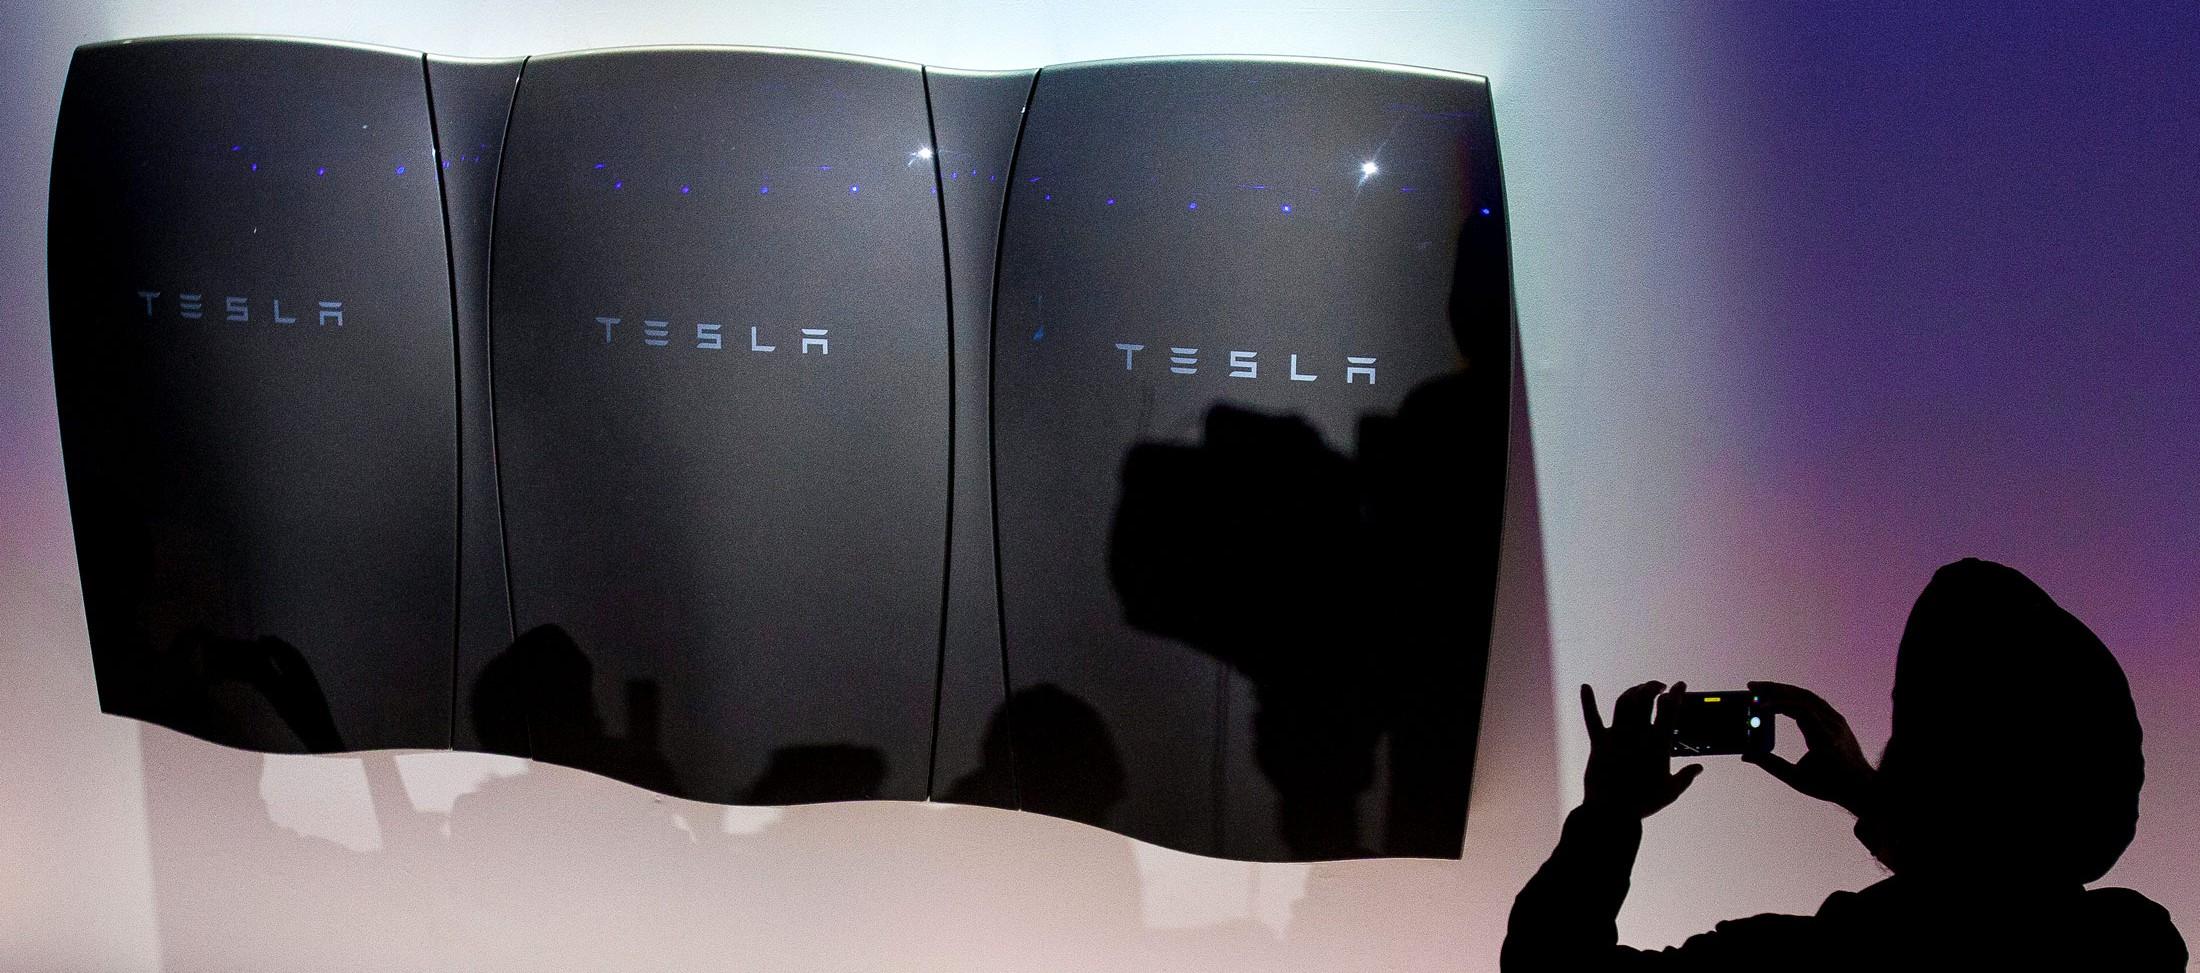 Tesla-Powerwall-SolarCity